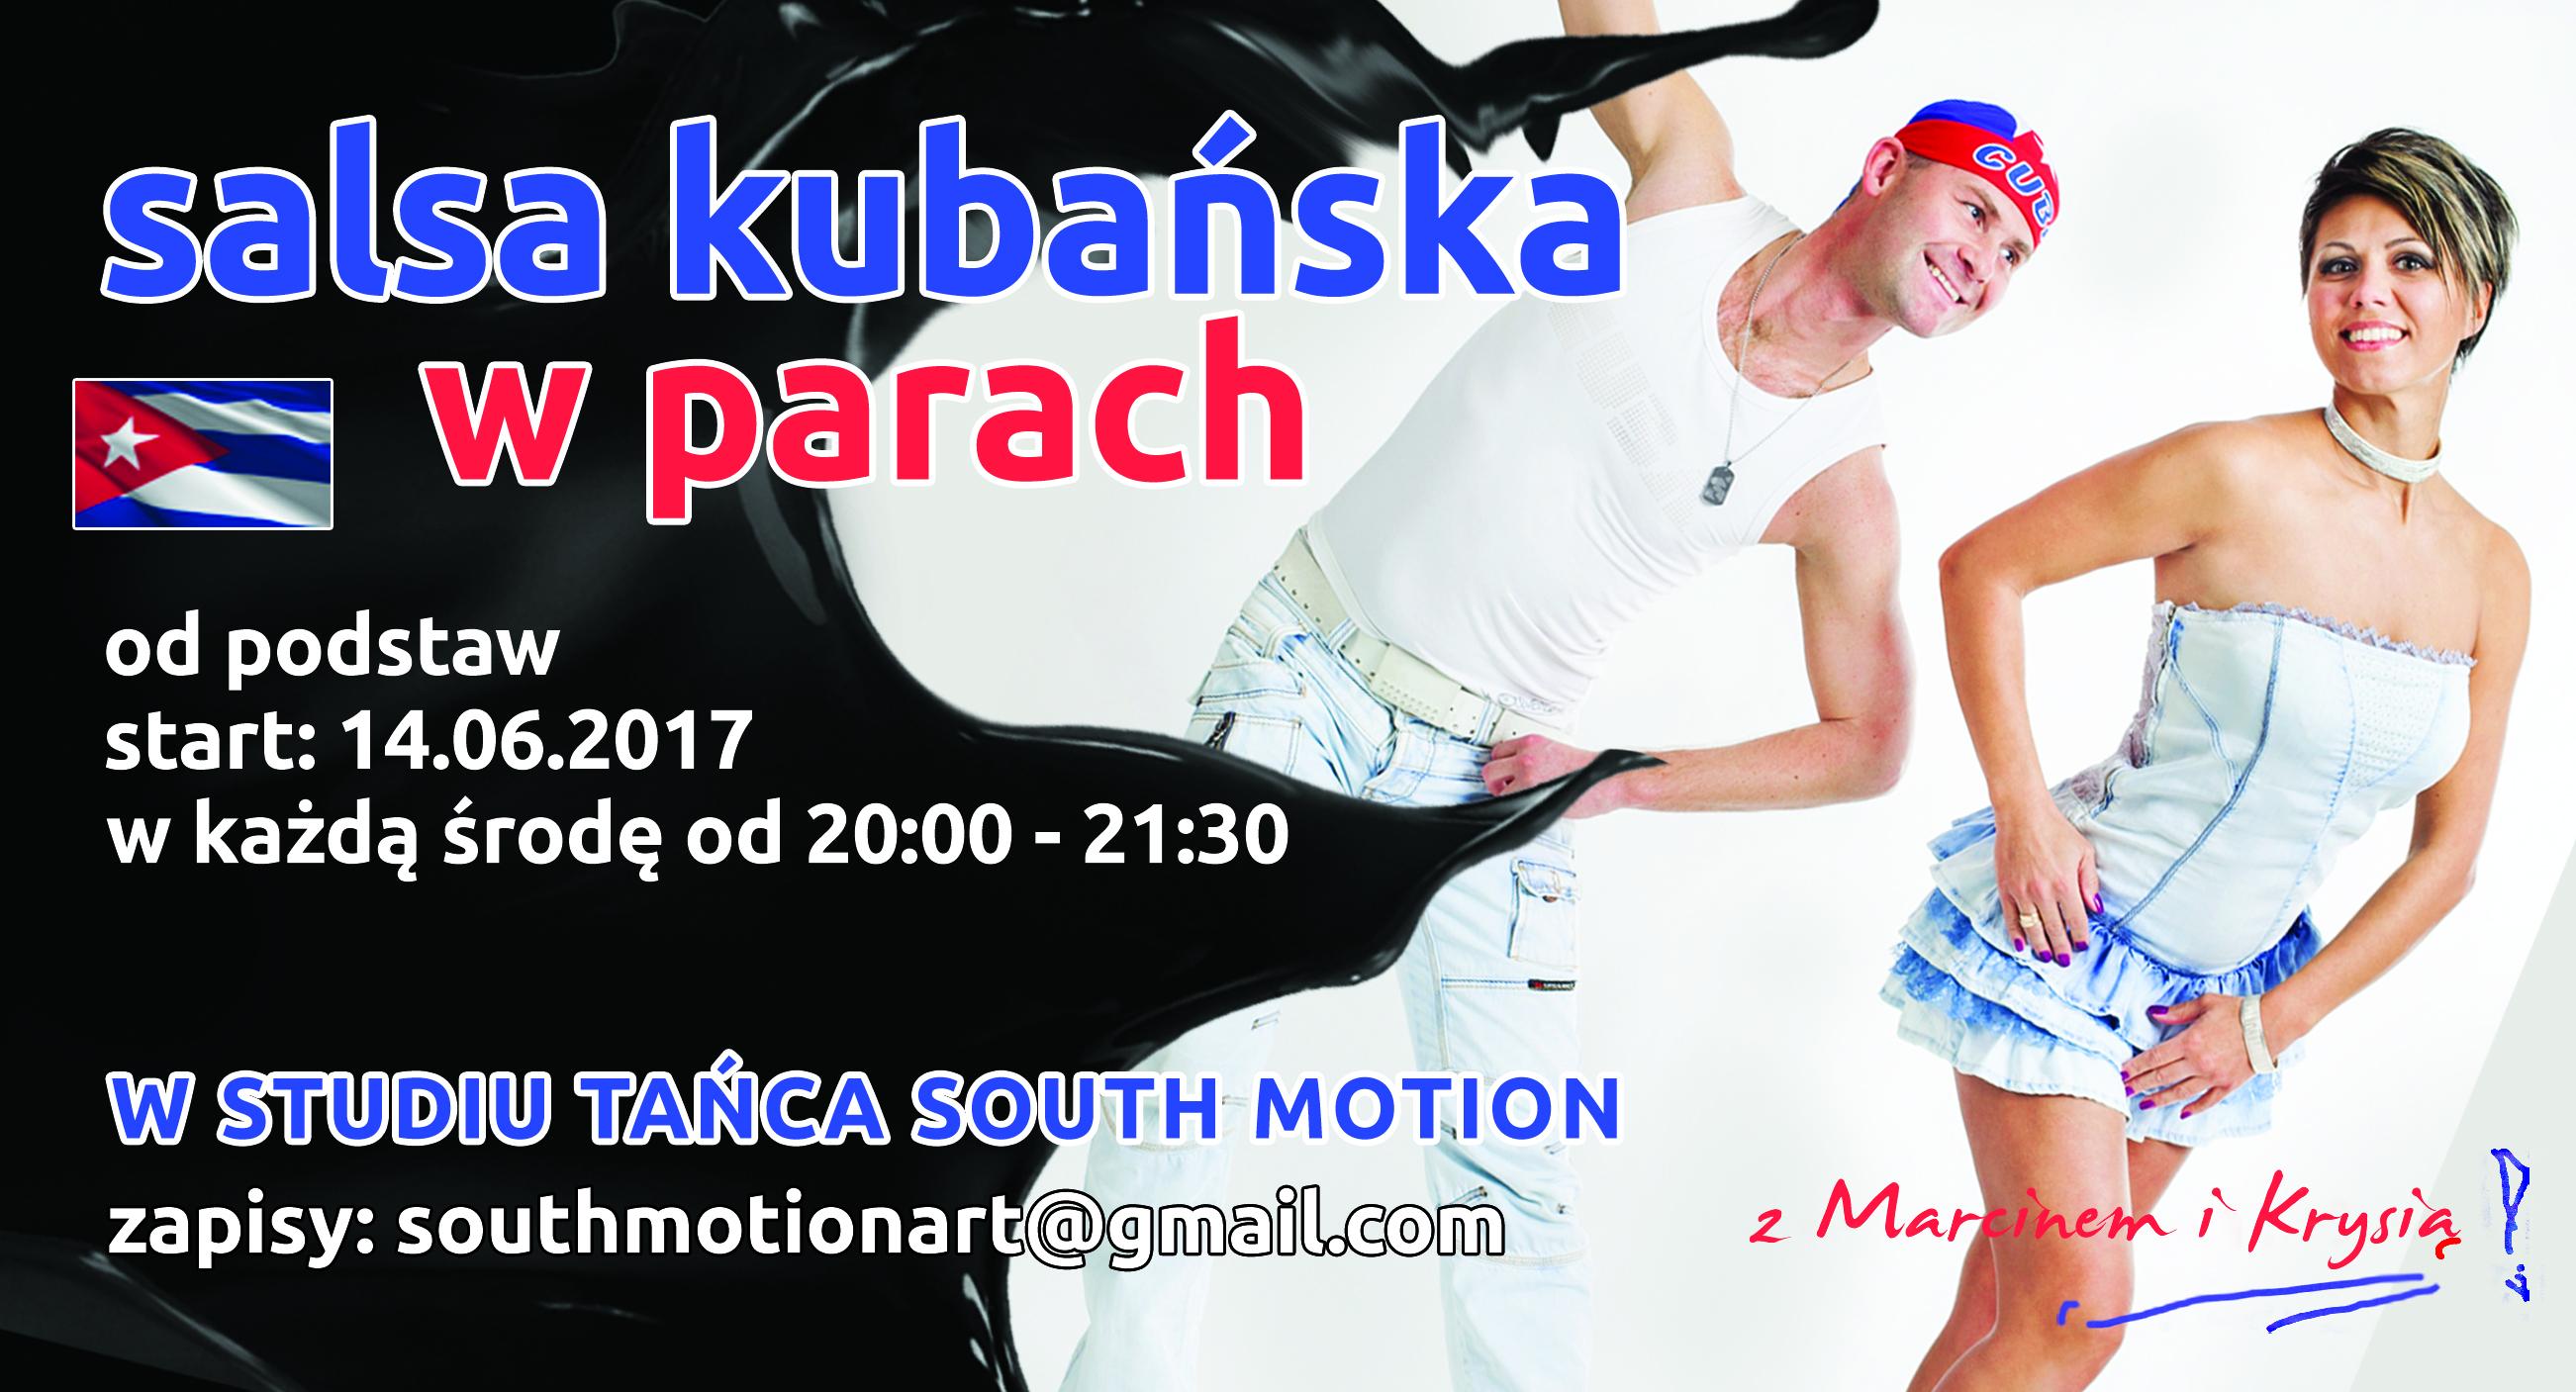 salsa-kubanska-w-parach-baner-na-wydarzenie2